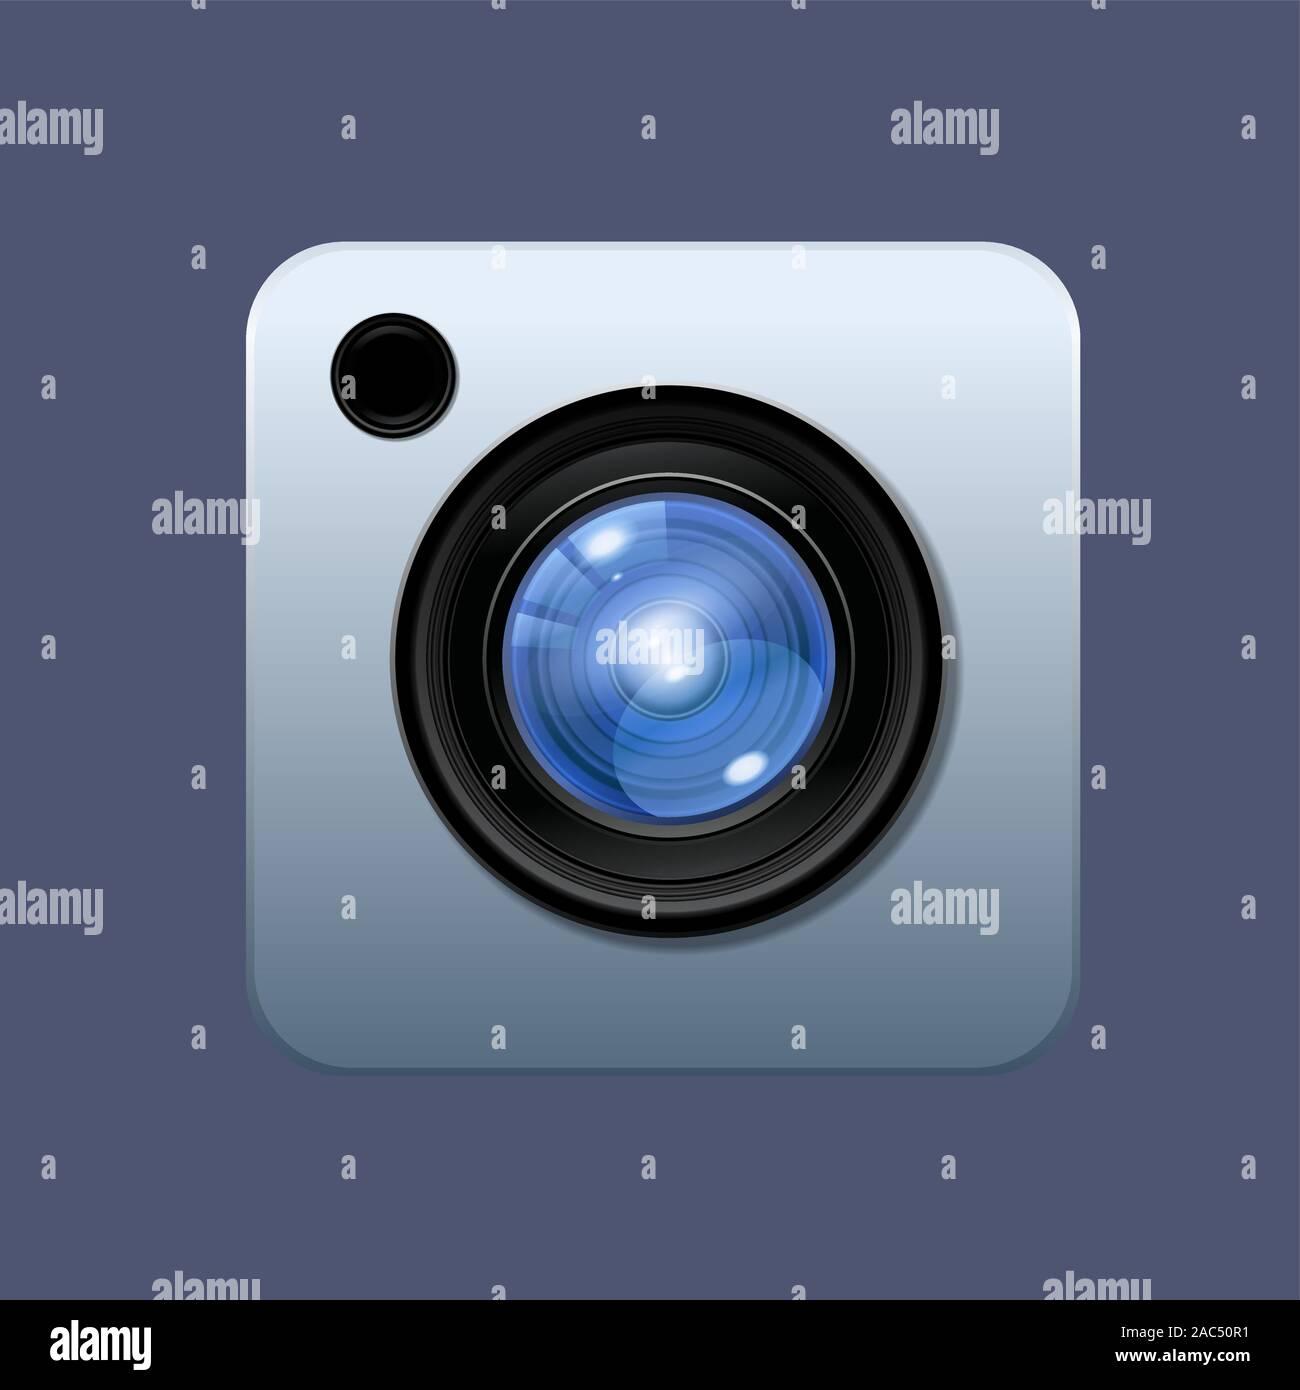 Objectif de l'appareil photo numérique Illustration icône vecteur sur fond coloré de style dessins animés Illustration de Vecteur